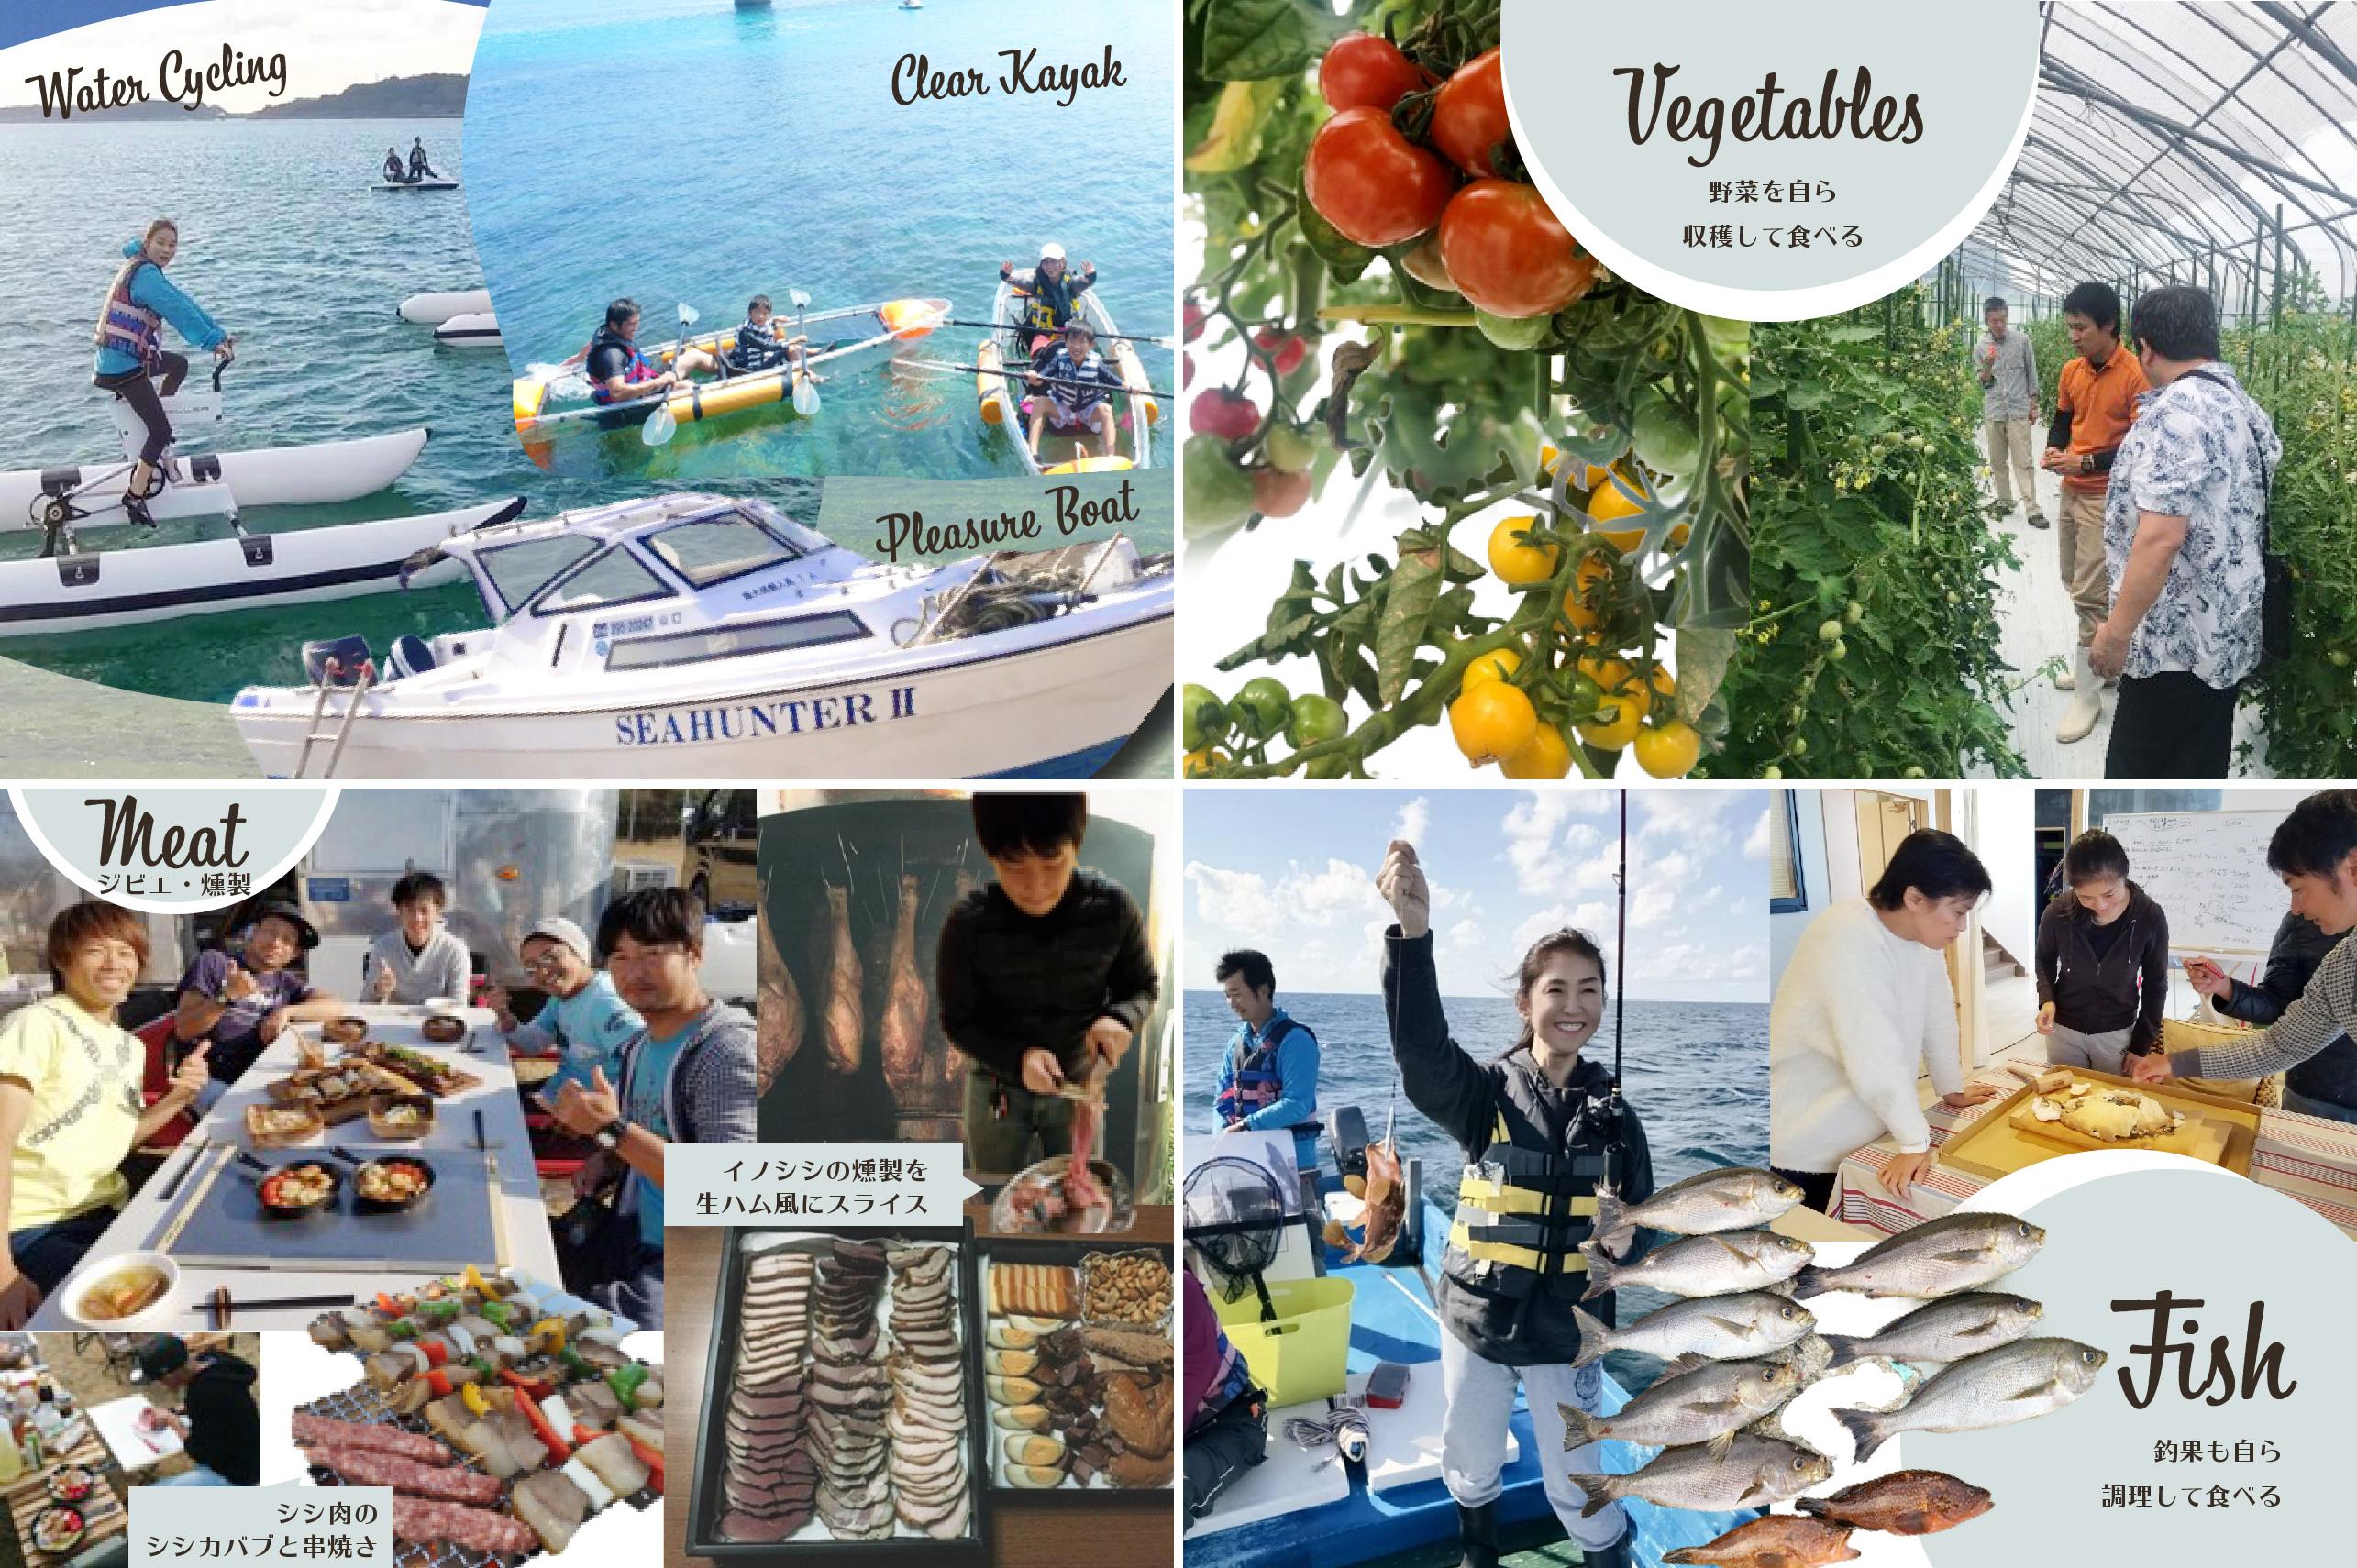 4枚の写真が2つずつ2行にならんでいる。:左上「海遊び」の例。水上サイクリング、クリアカヤックで楽しむ様子や、プレジャーボート。 右上「vegetable 自ら収穫して食べる」トマトと、トマトのビニールハウスを男性が見学する様子。 左下「Fish 釣り果も自ら調理して食べる」 釣りや塩釜焼を楽しむ様子。 右下「meat ジビエ・燻製」 イノシシを捕らえ、いいねポーズをきめる男性、燻製窯、肉や卵の燻製。